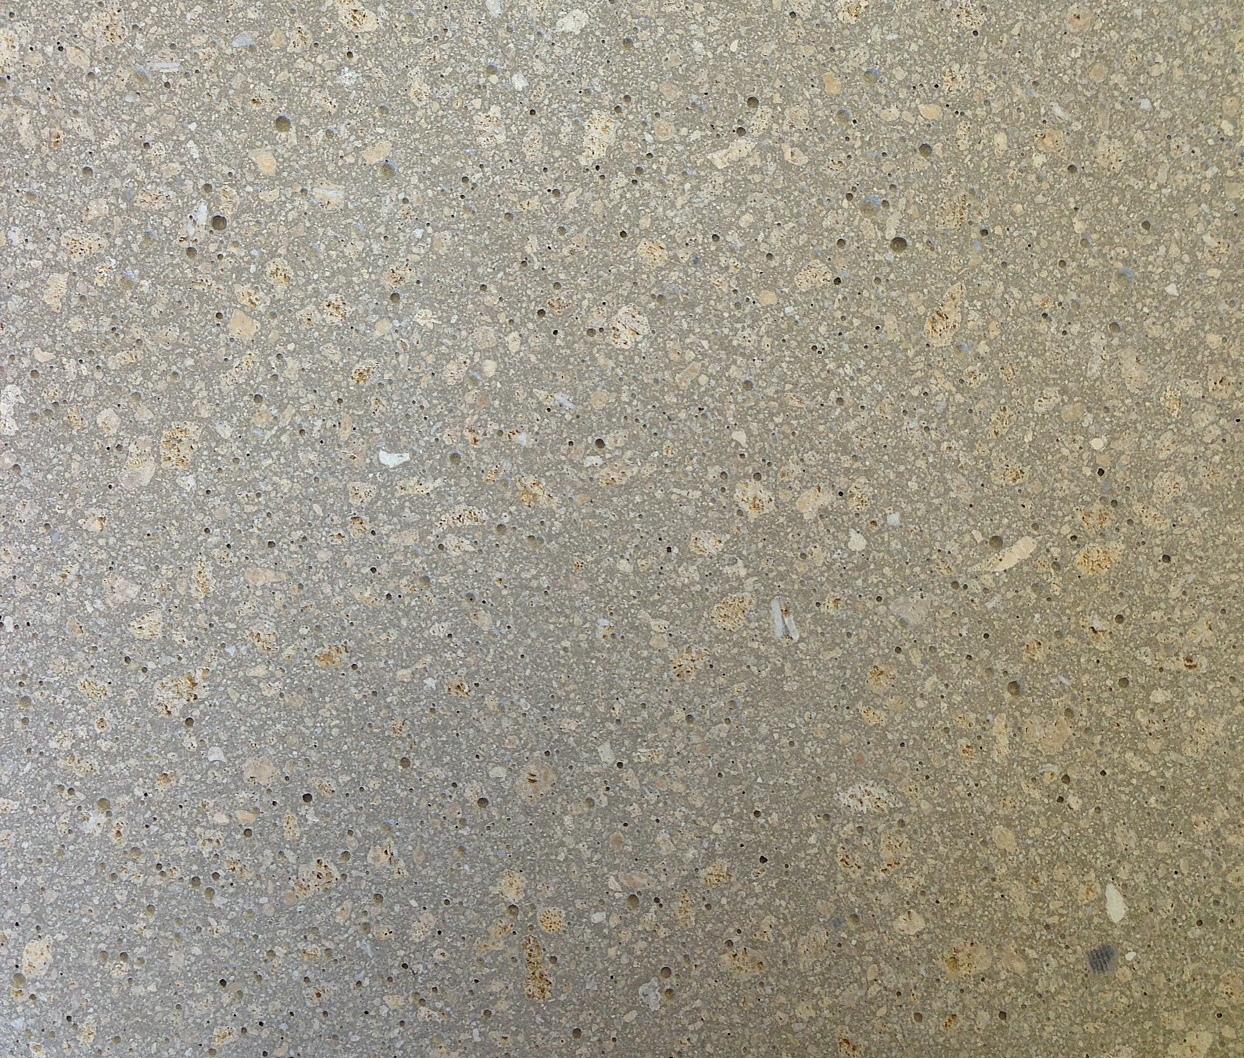 Giallo Mori mit Grauzement, Struktur geschliffen